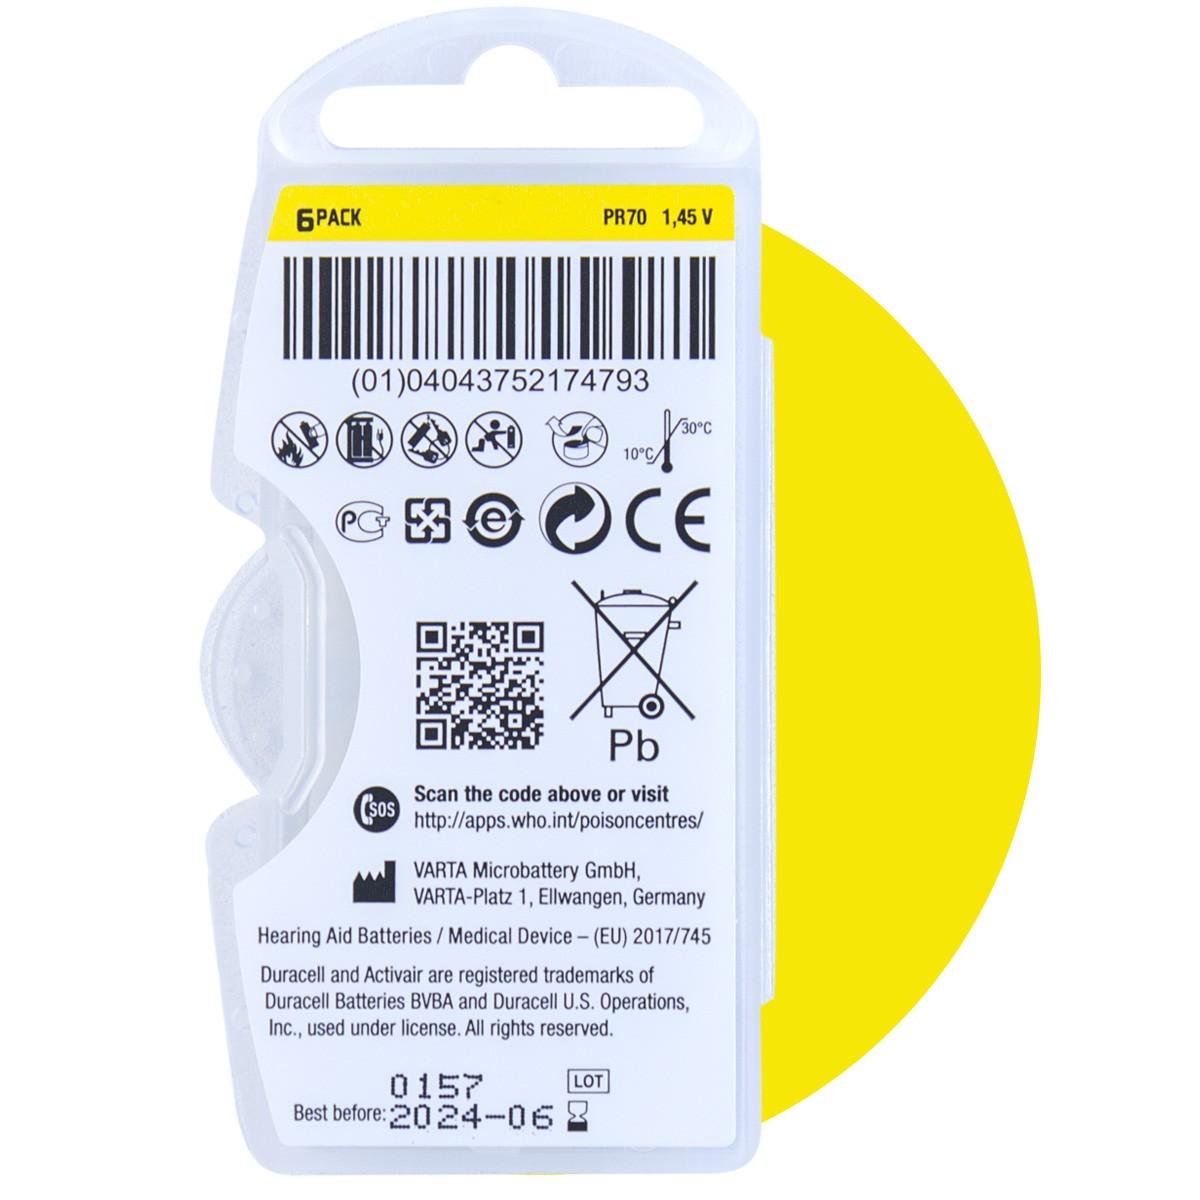 90 Pilhas DA10 DURACELL baterias PR70 Aparelho auditivo